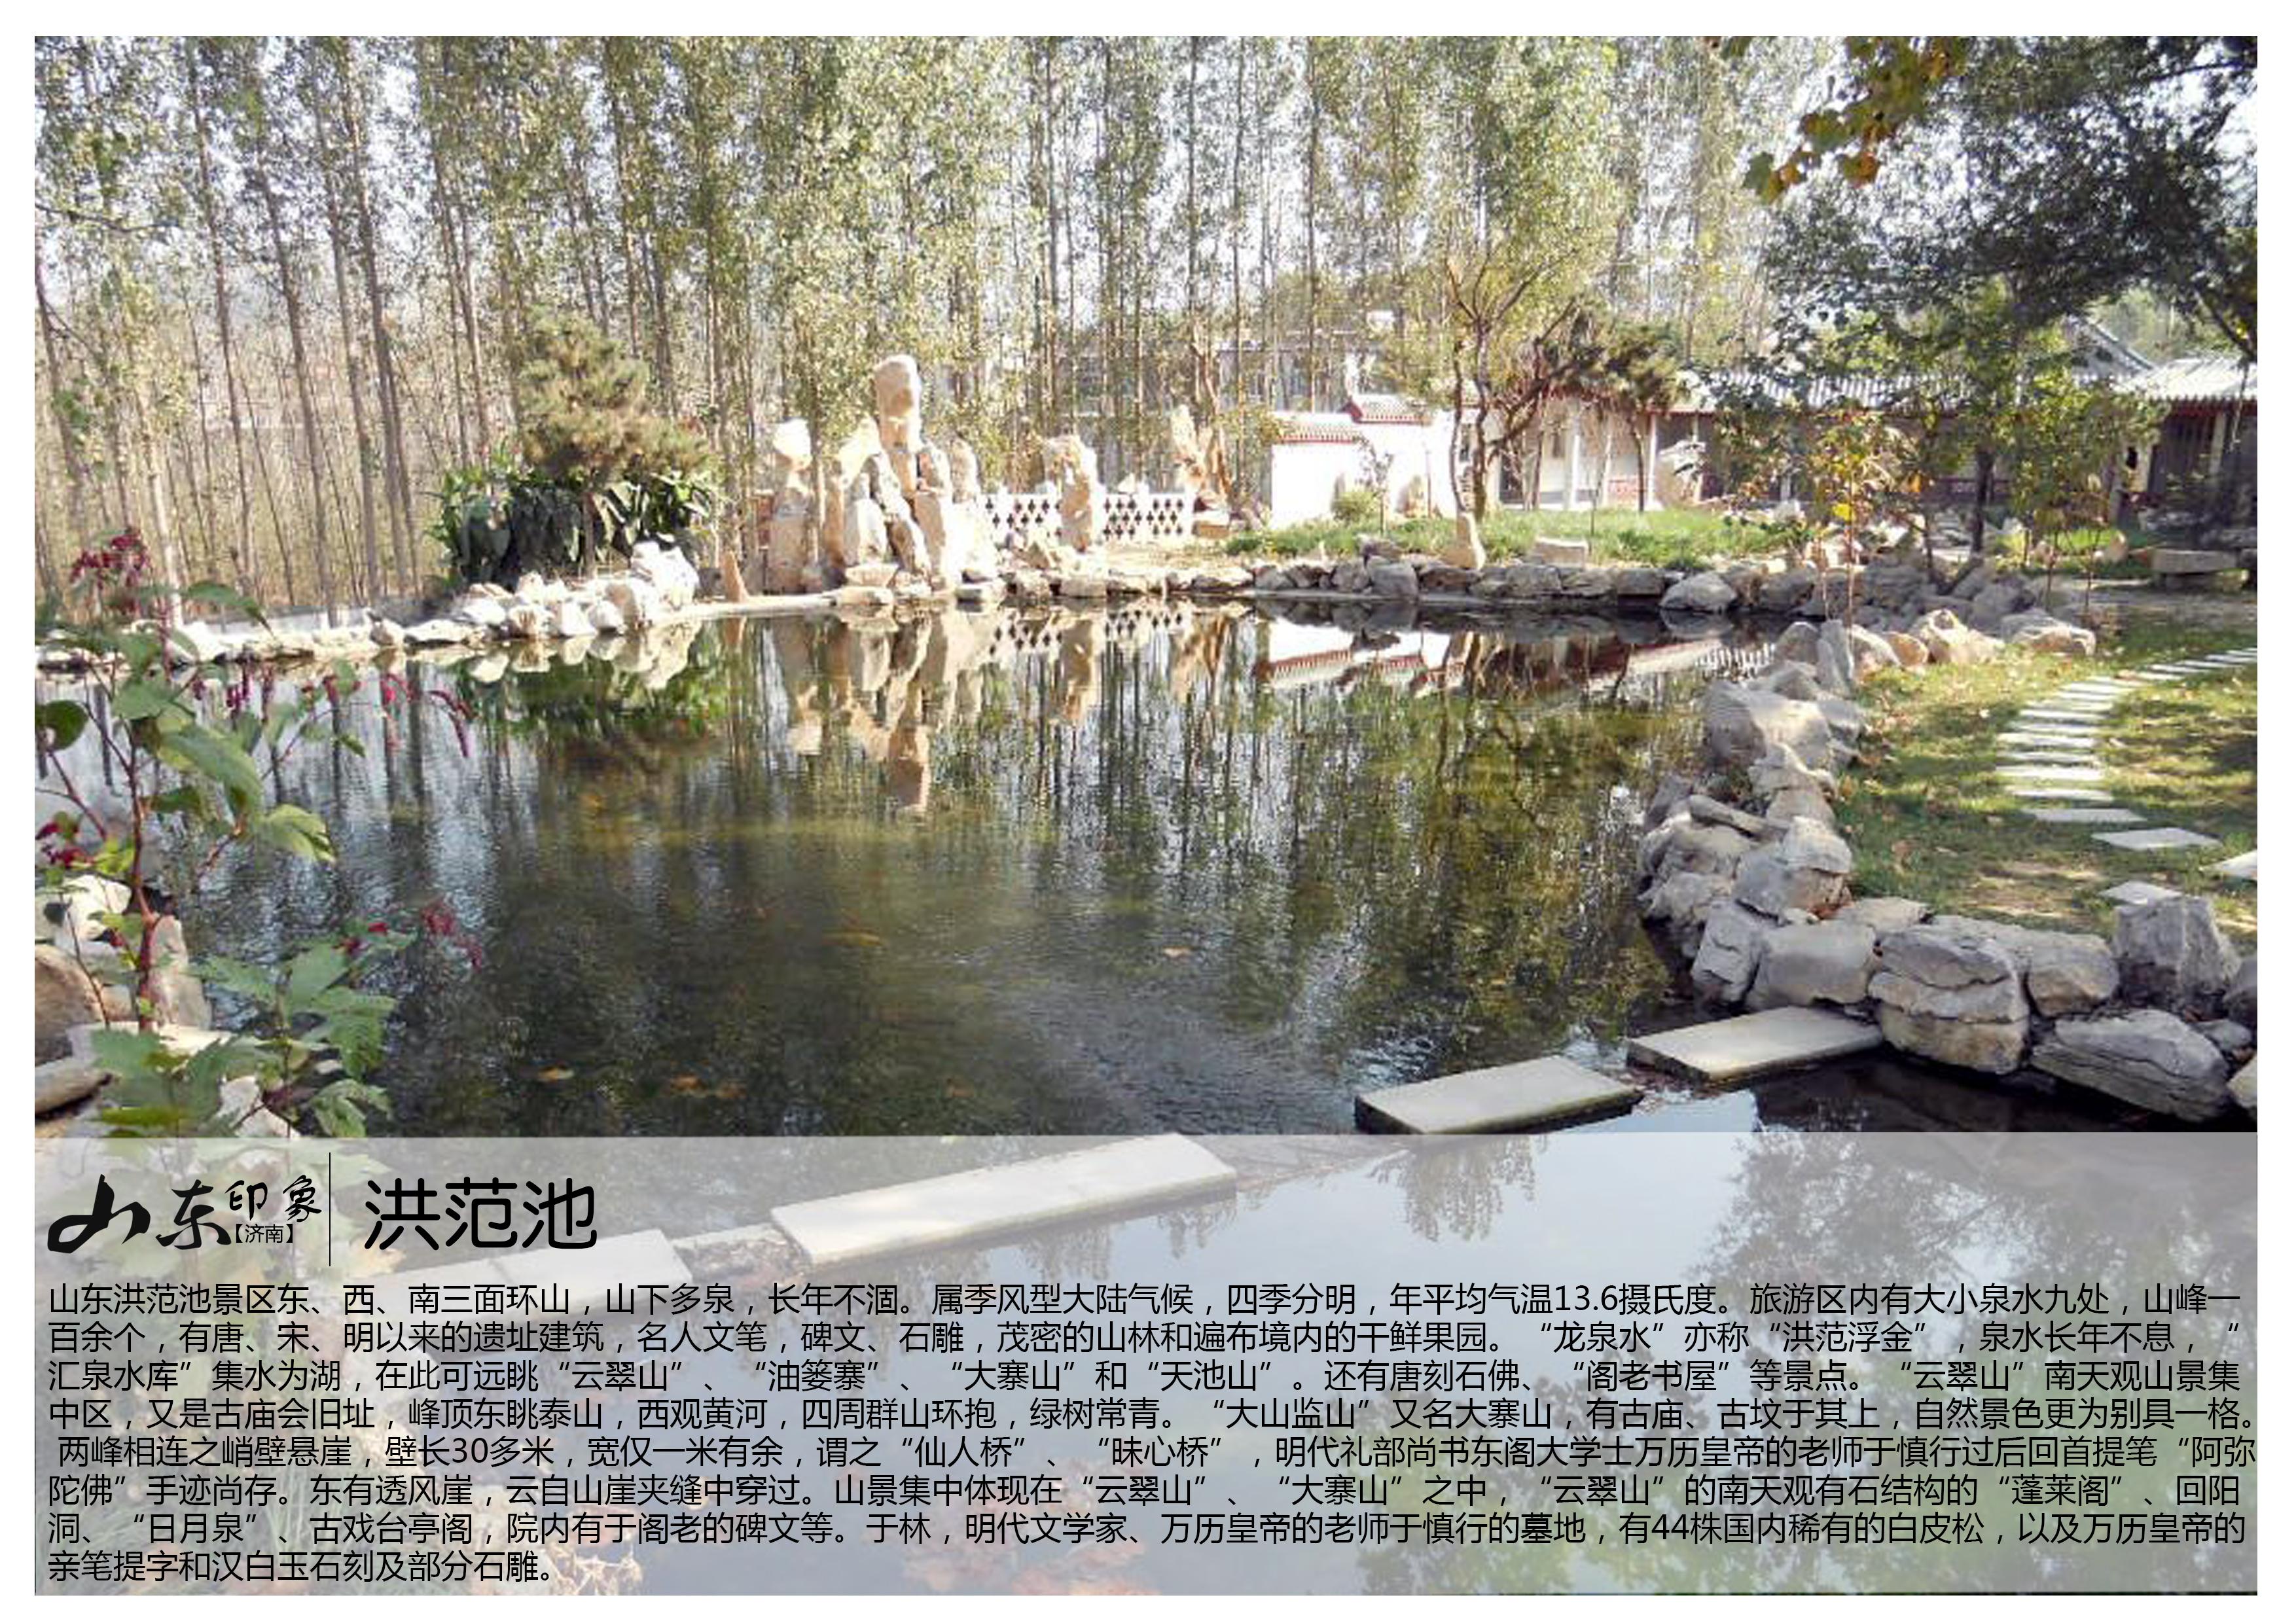 旅游区内有大小泉水九处,山峰一百余个,有唐,宋,明以来的遗址建筑